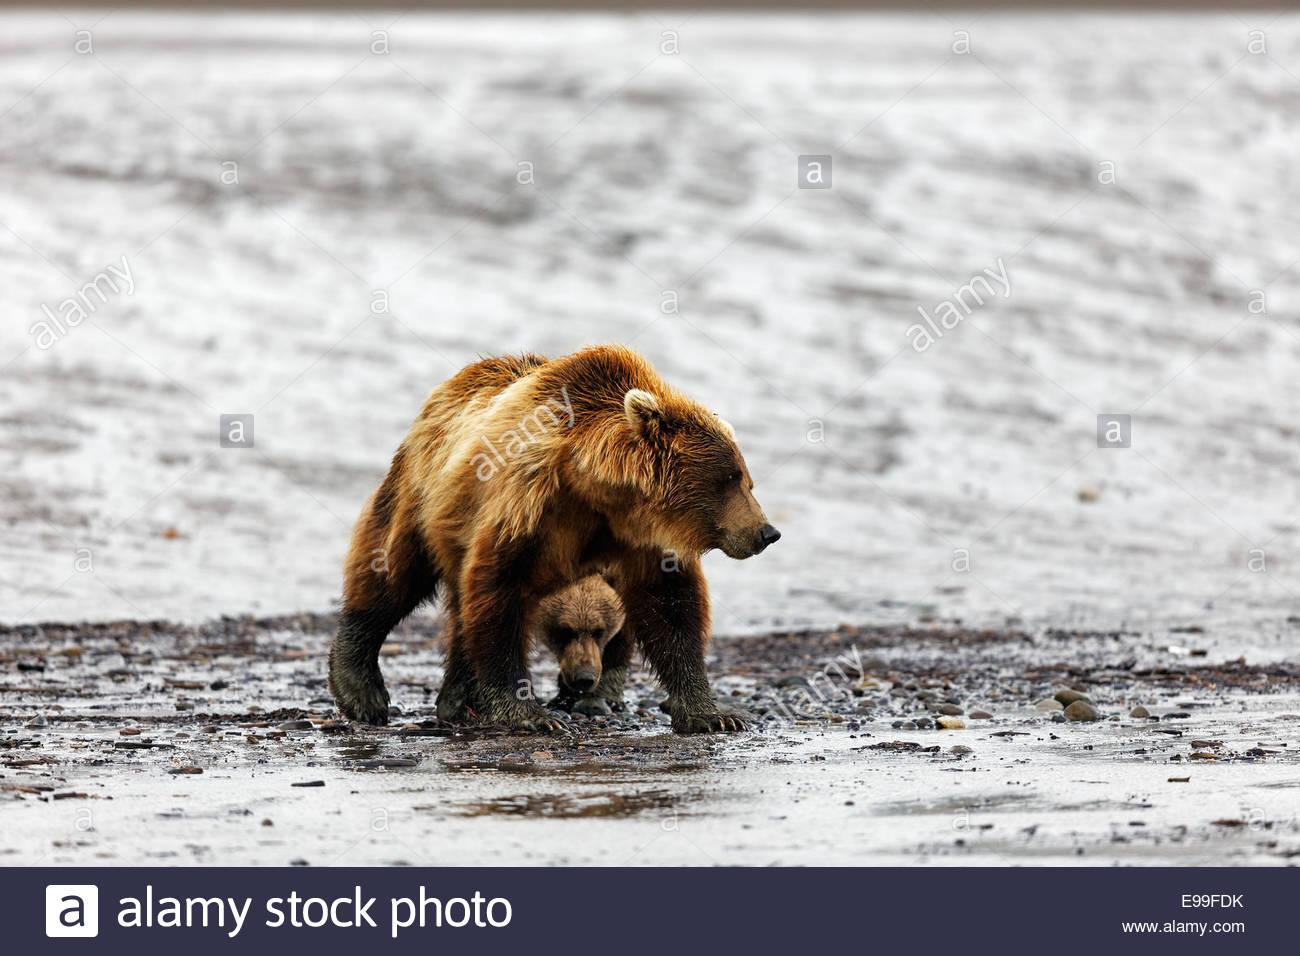 Grizzly Bear (oso pardo (Ursus arctos) hembra adulta) y una antigua cub caminar sobre pisos de lodo en Alaska Imagen De Stock